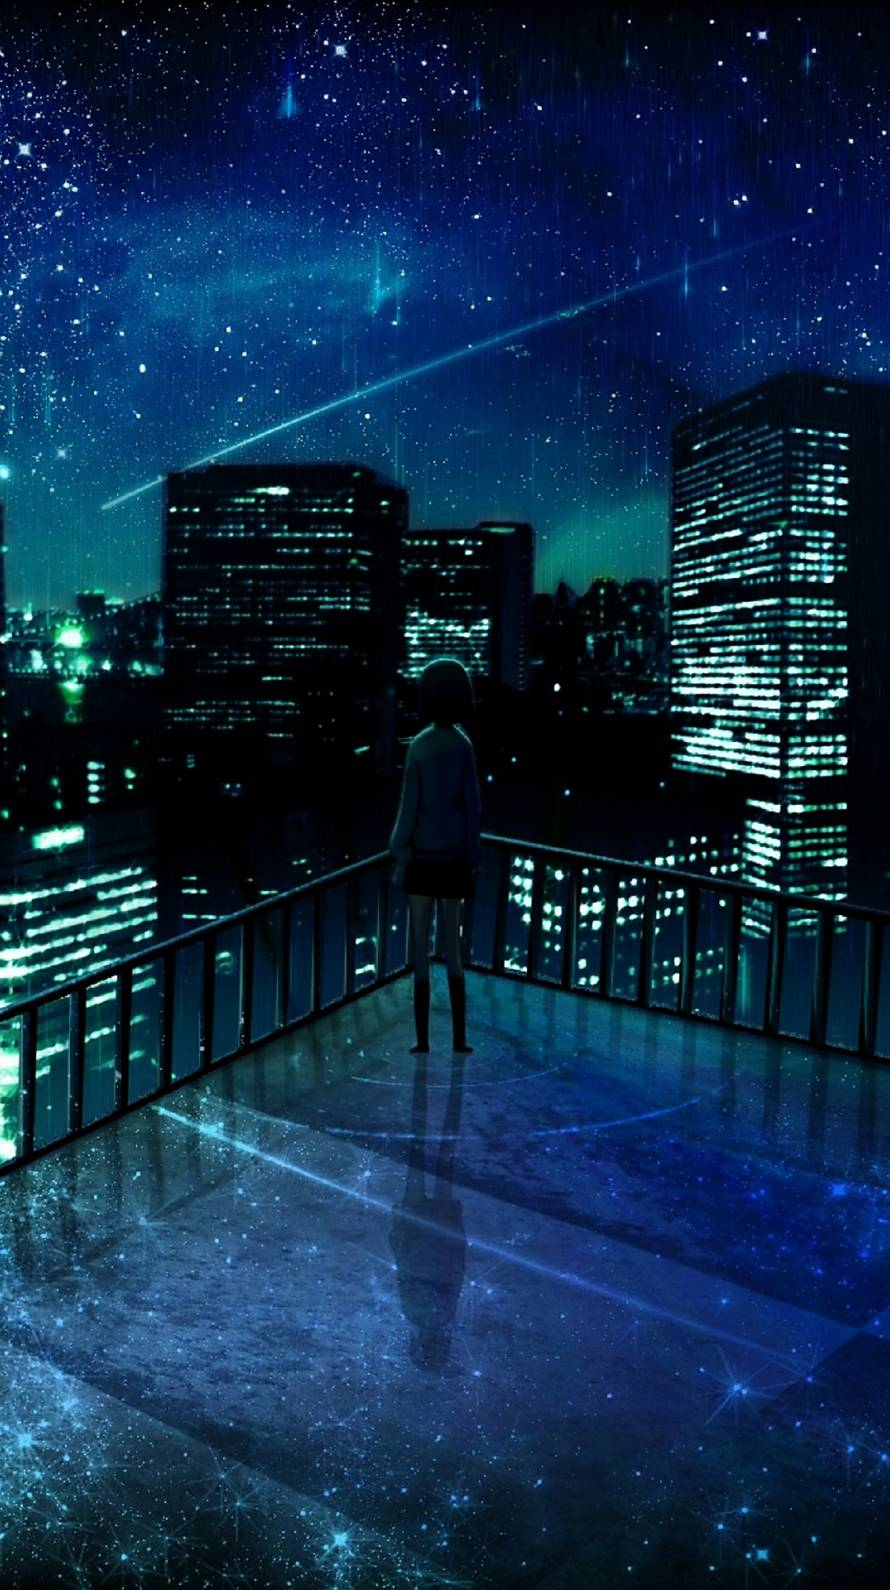 屋上から観る流れ星 iPhone6壁紙